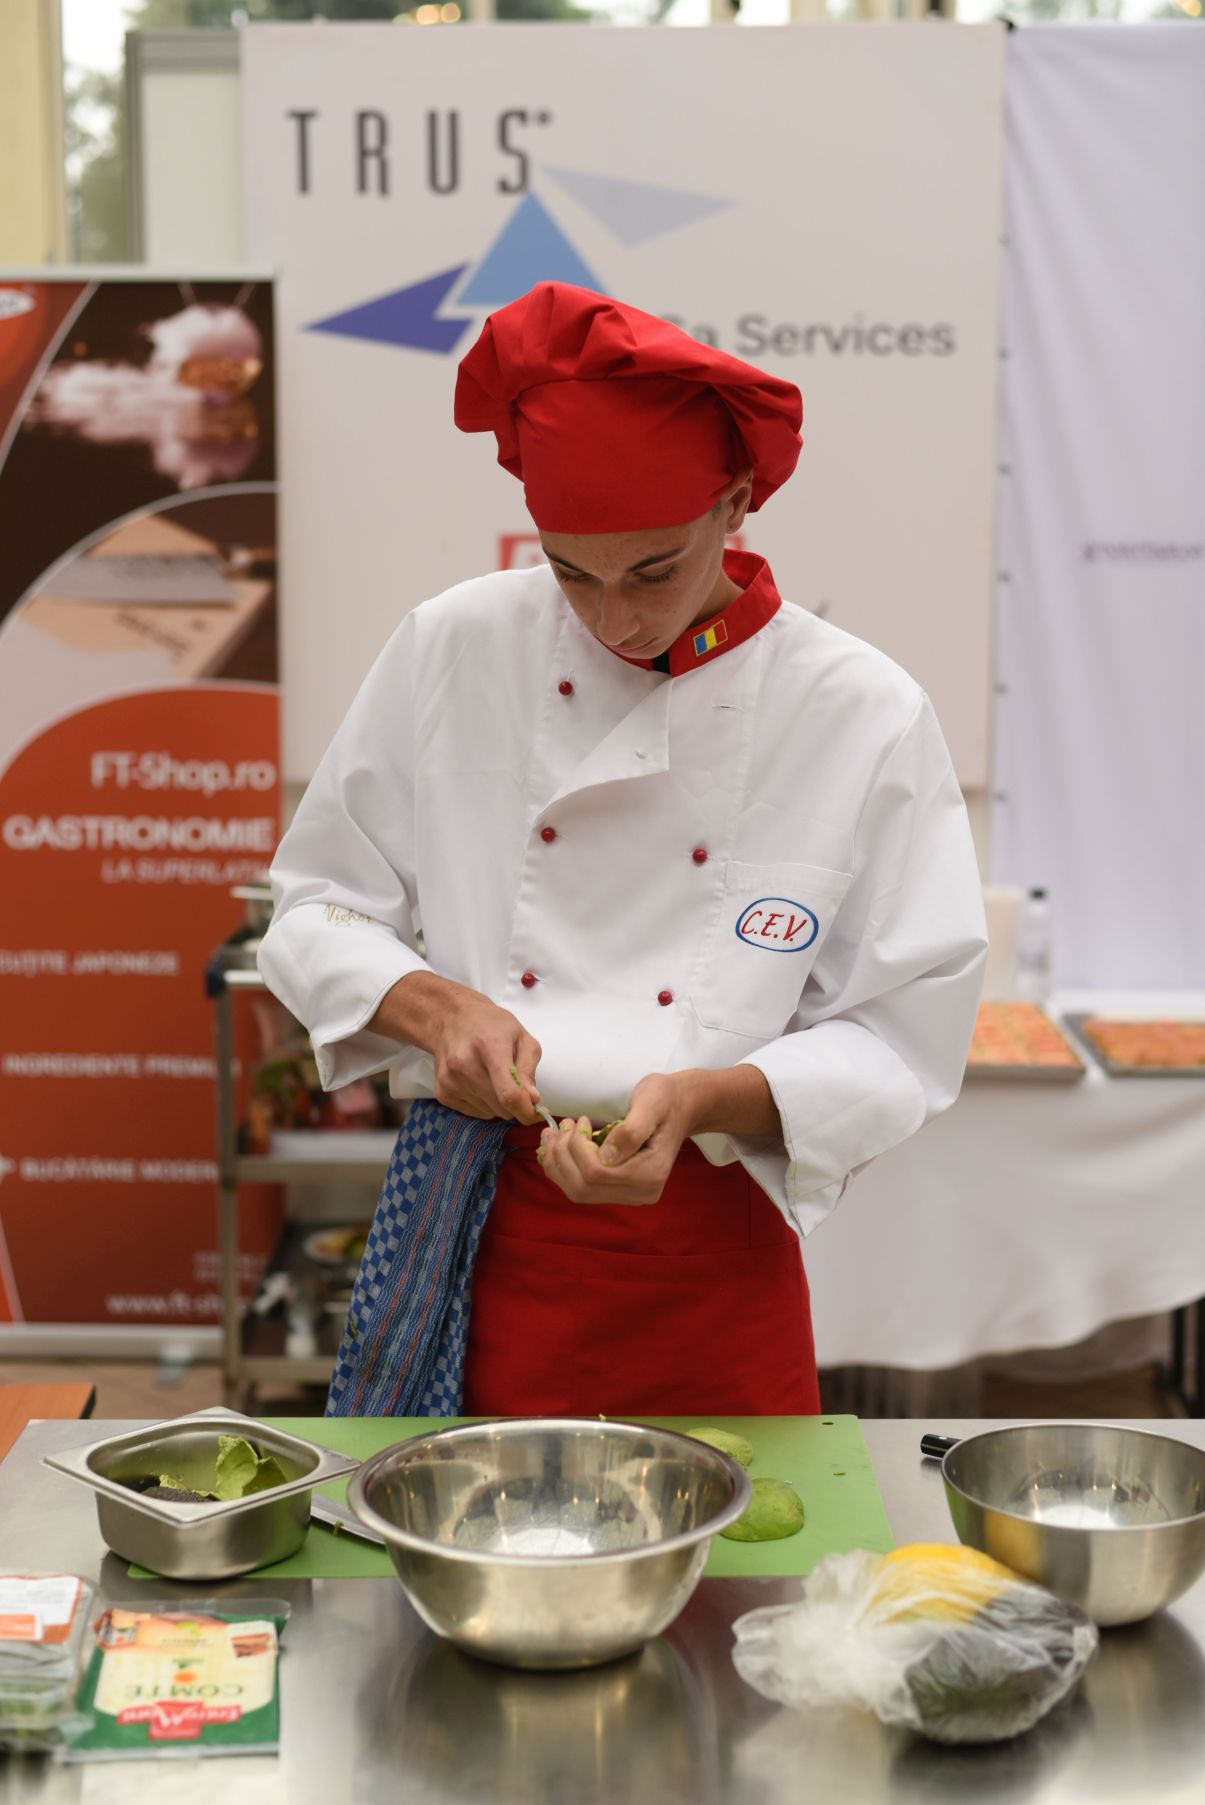 Sarbatoarea_Gustului_Salon_de_Gastronomie_104